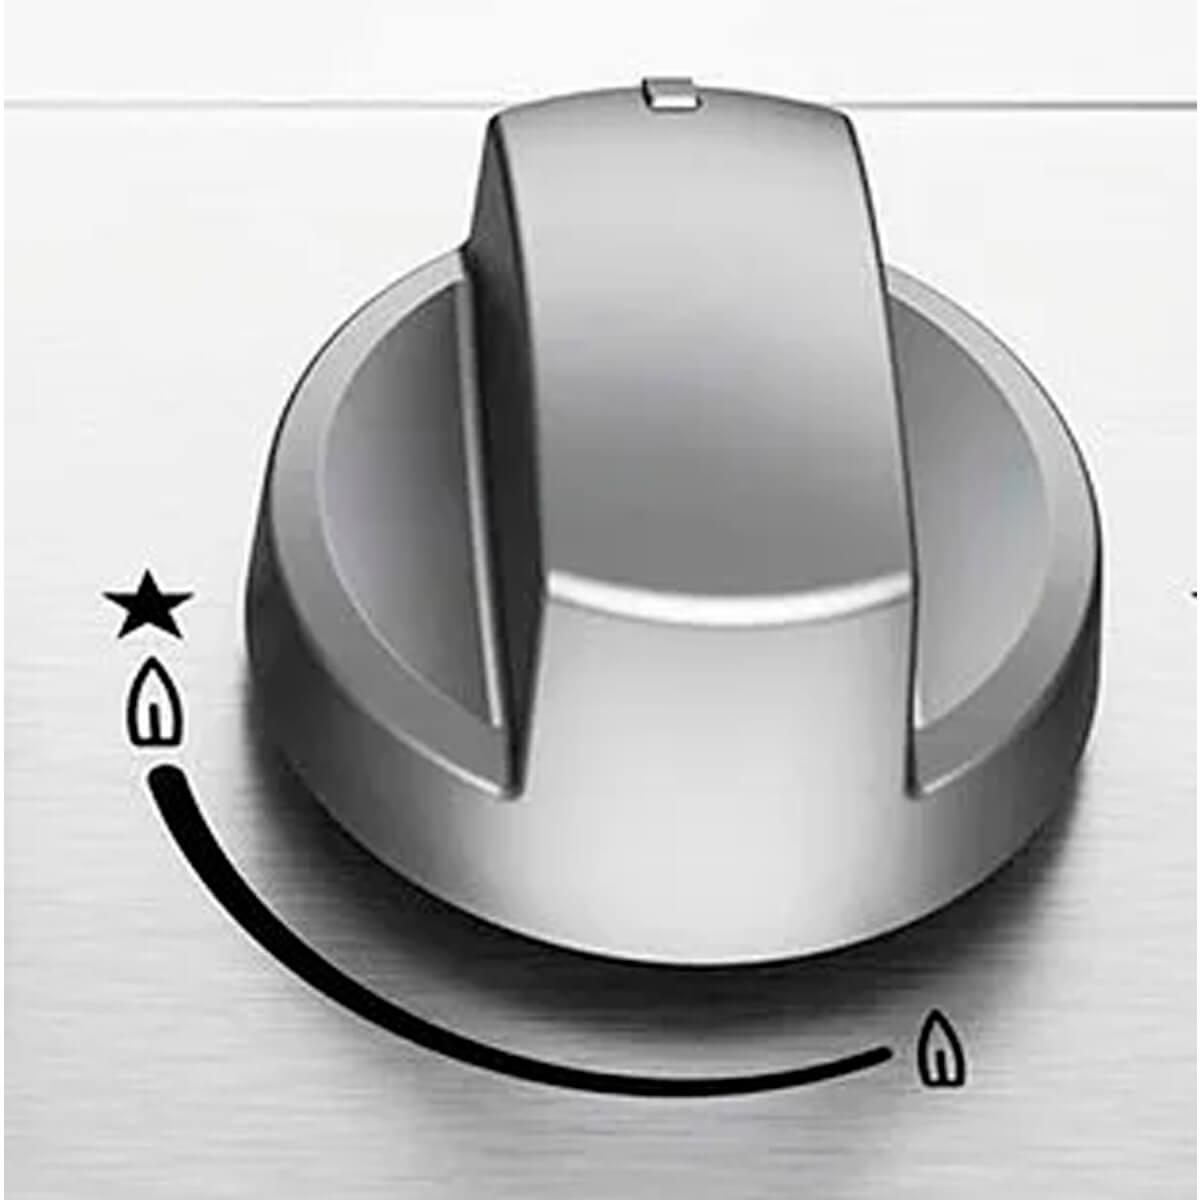 Botão Fogão Cooktop Electrolux Gf90x Og7mx - 33220027